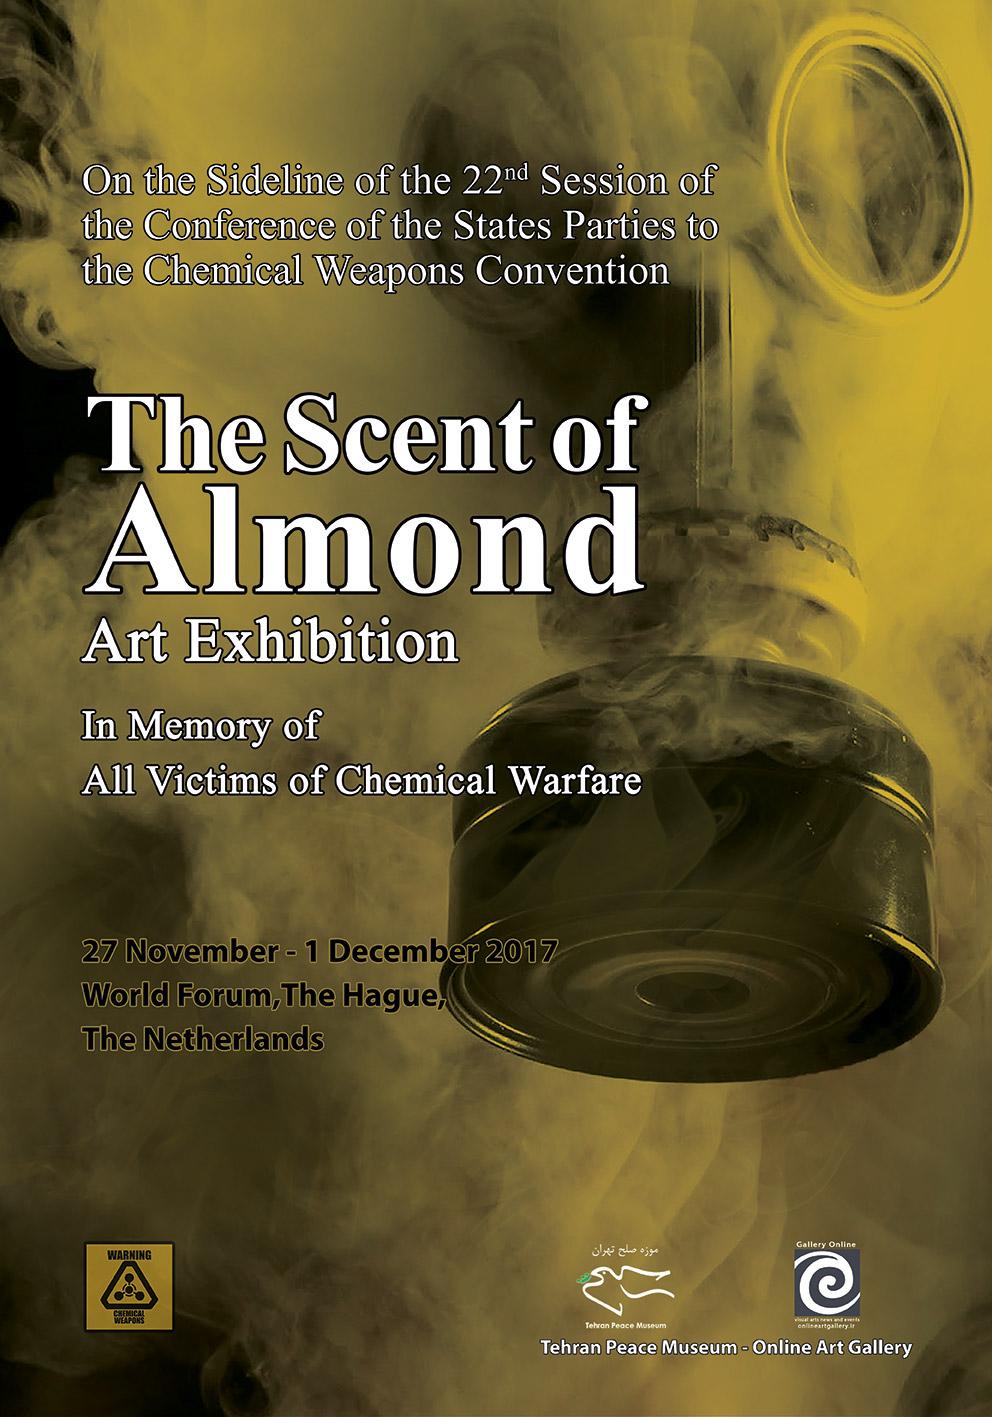 """برگزاری نمایشگاه """"بوی بادام"""" در حاشیه بیست و دومین کنفرانس منع سلاح های شیمیایی در لاهه هلند"""